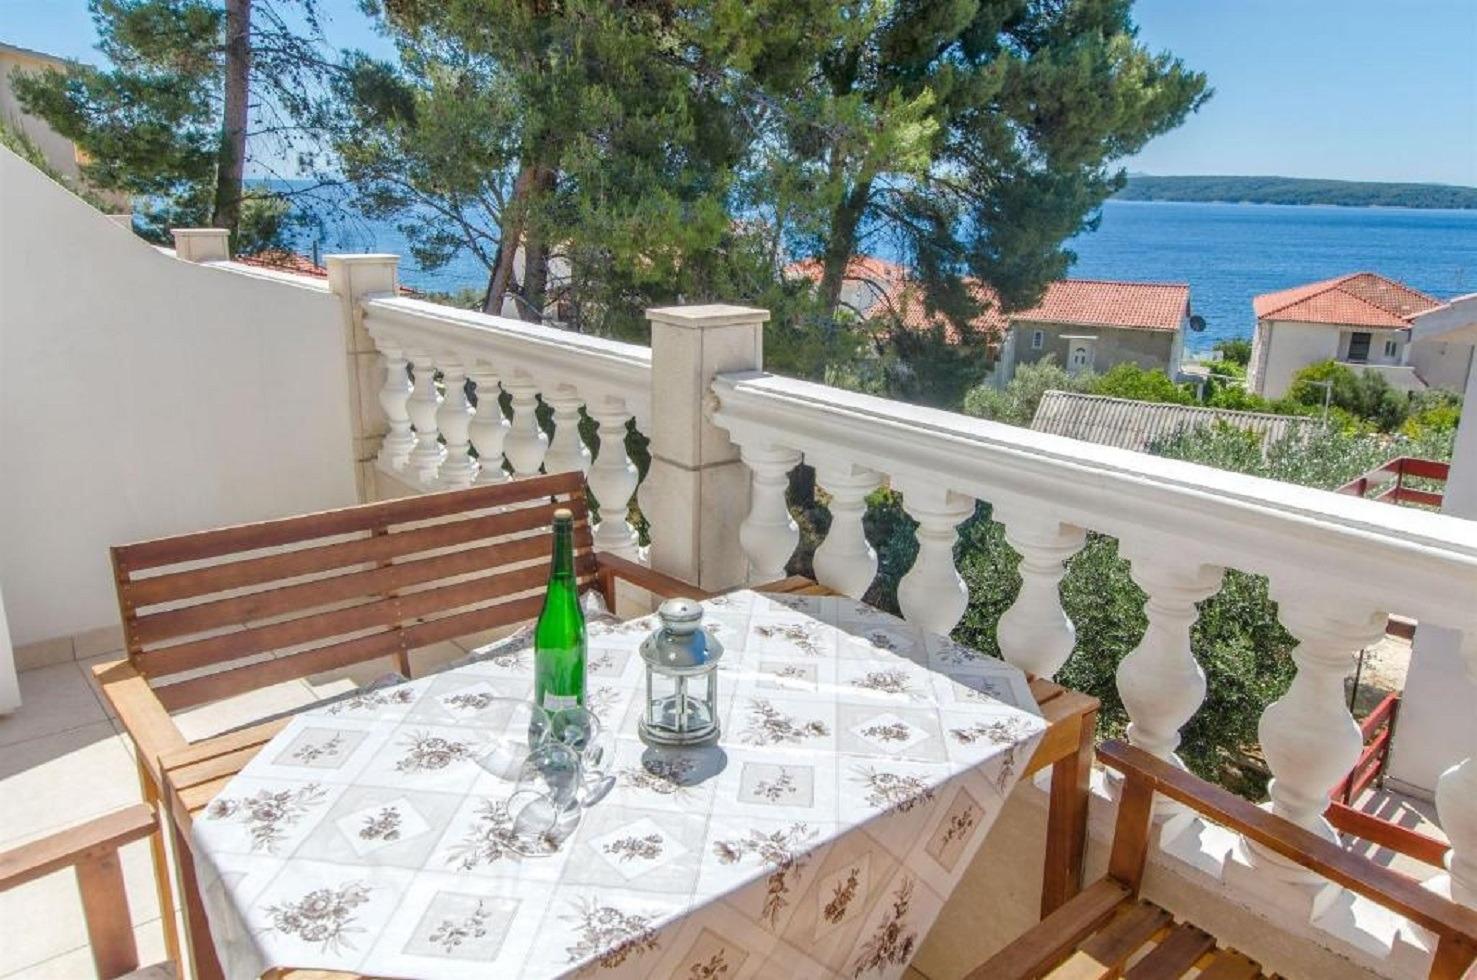 Apartments, Zavalatica, Island of Korčula - Apartments  Ljilja - 150 m from beach: